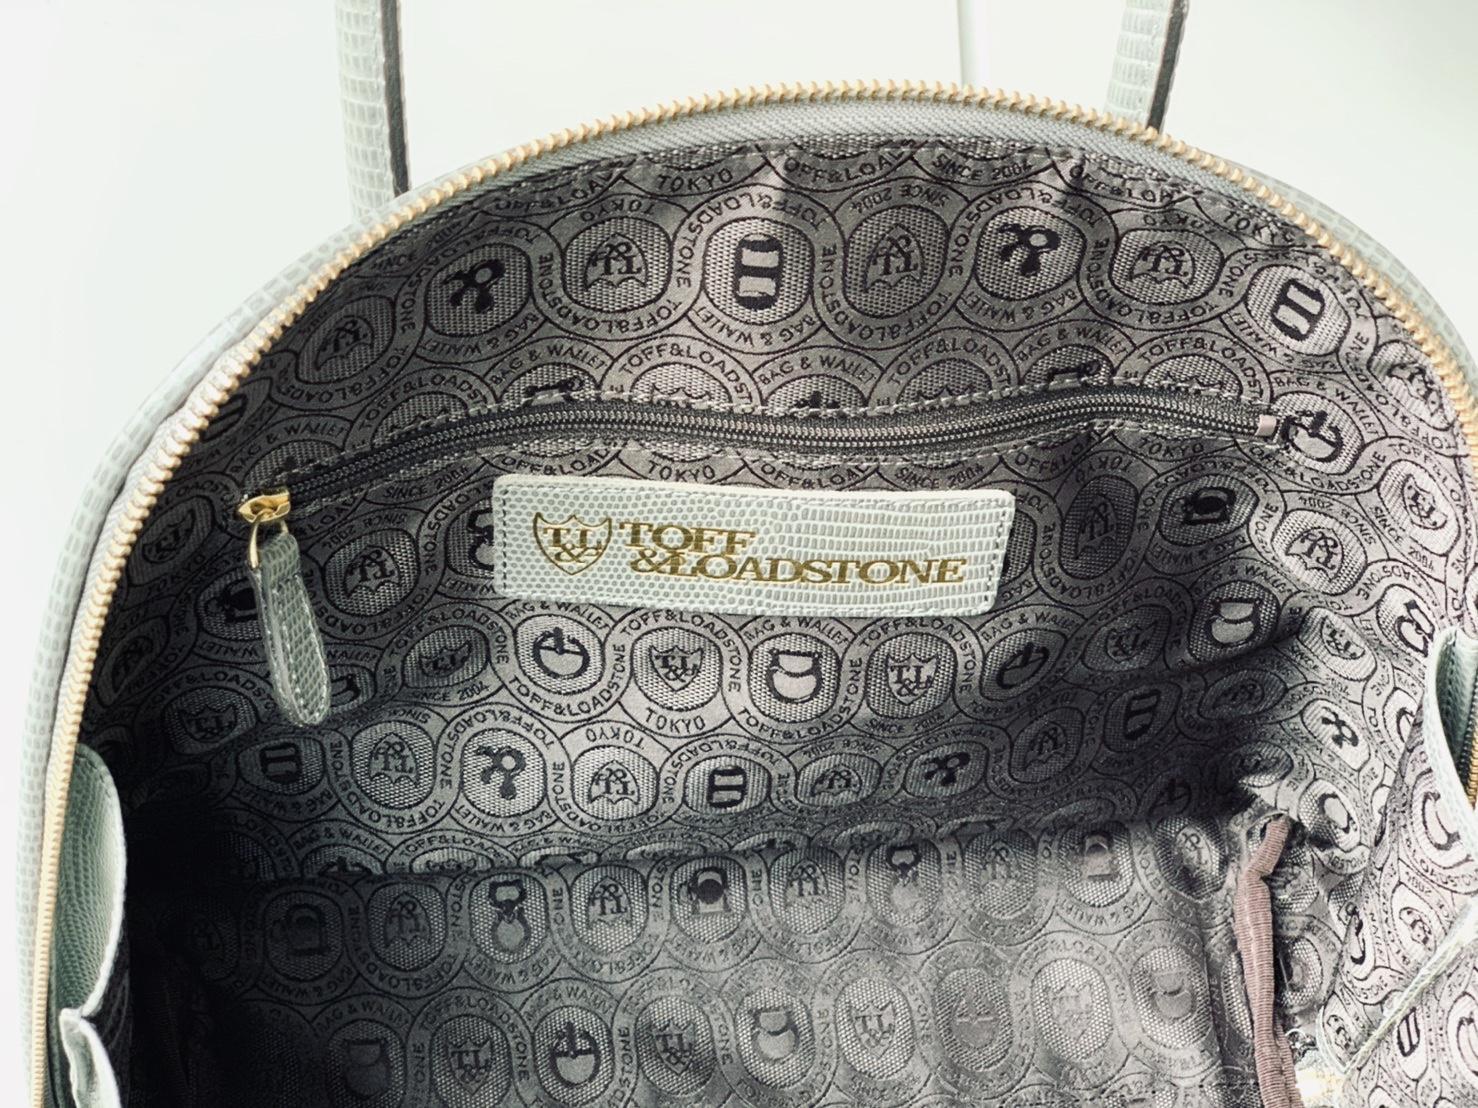 TOFF&LOADSTONE トフアンドロードストーン scrap book スクラップブック トートバッグ tote bag ハンドバッグ 牛革 日本ブランド 日本製 型押し リザード型押し